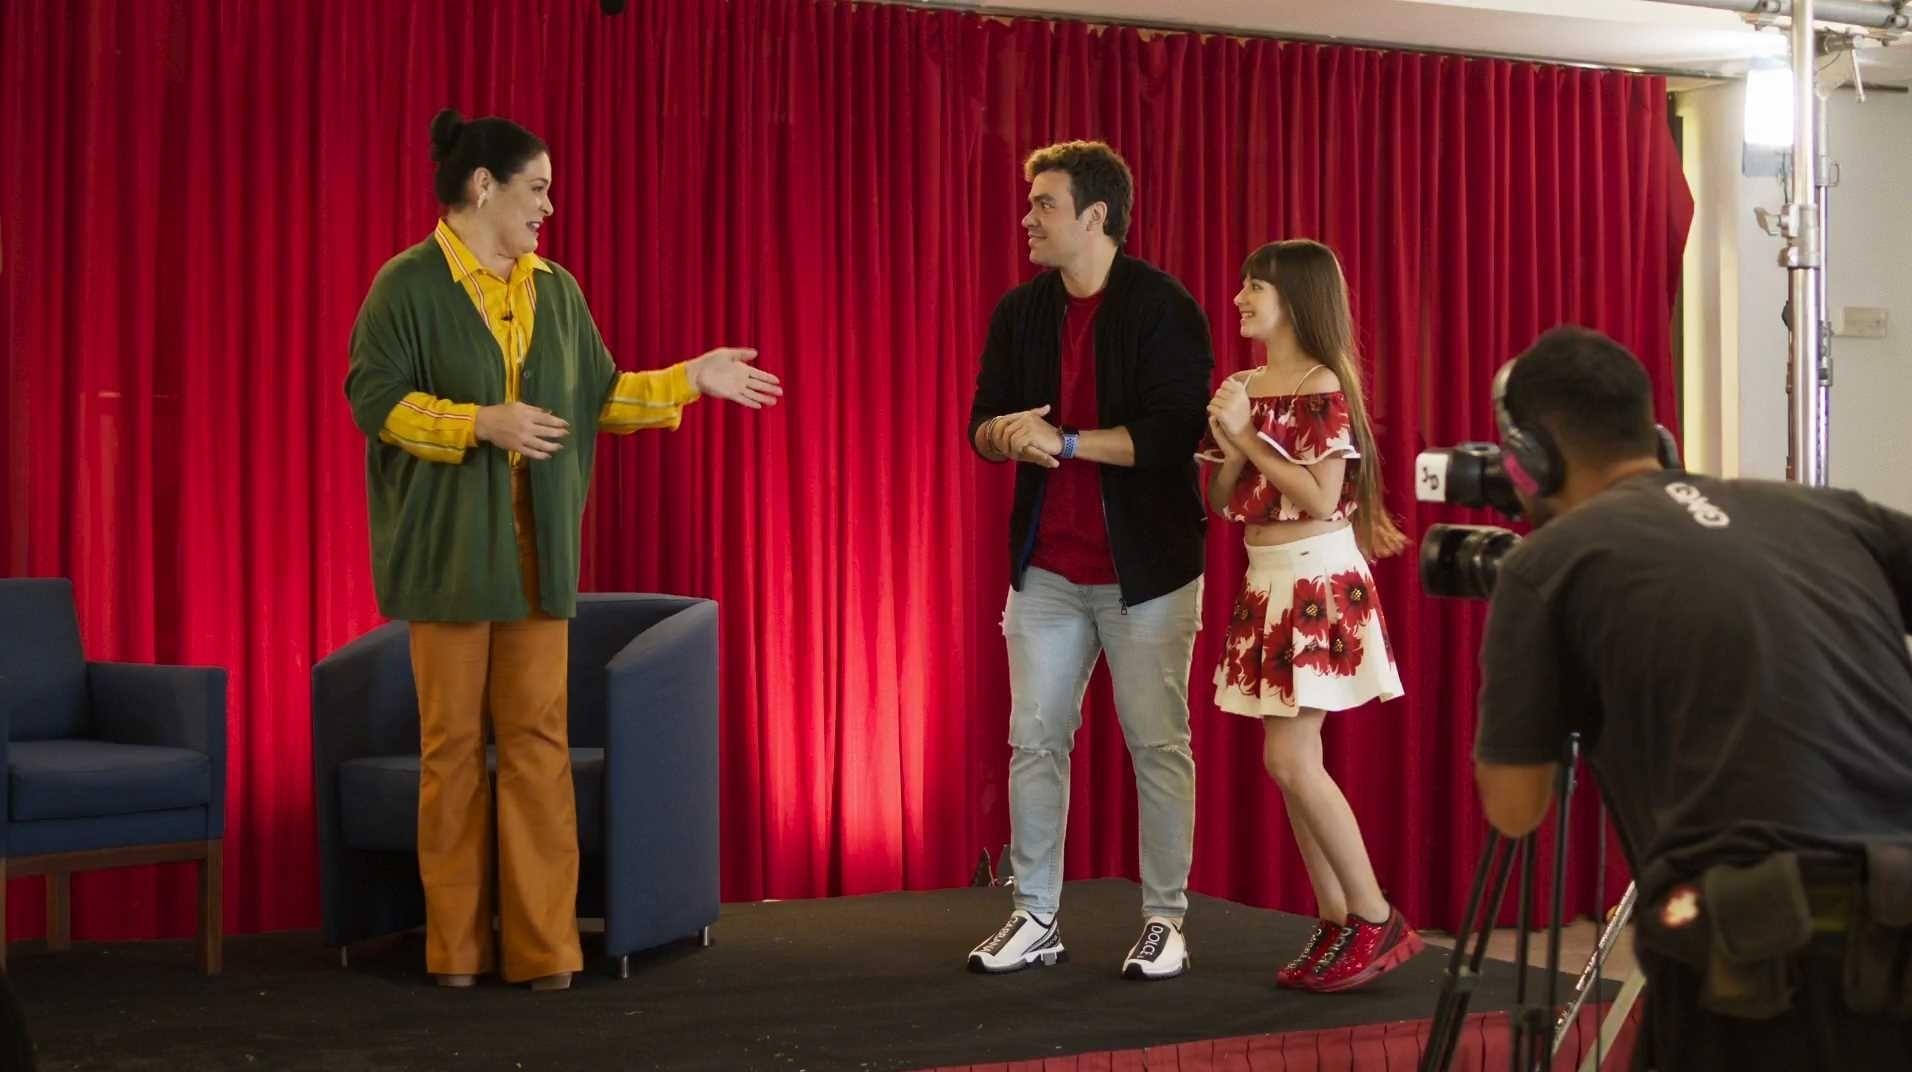 Assistir Luccas Neto em: O Hotel Mágico Online - Top Flixs HD